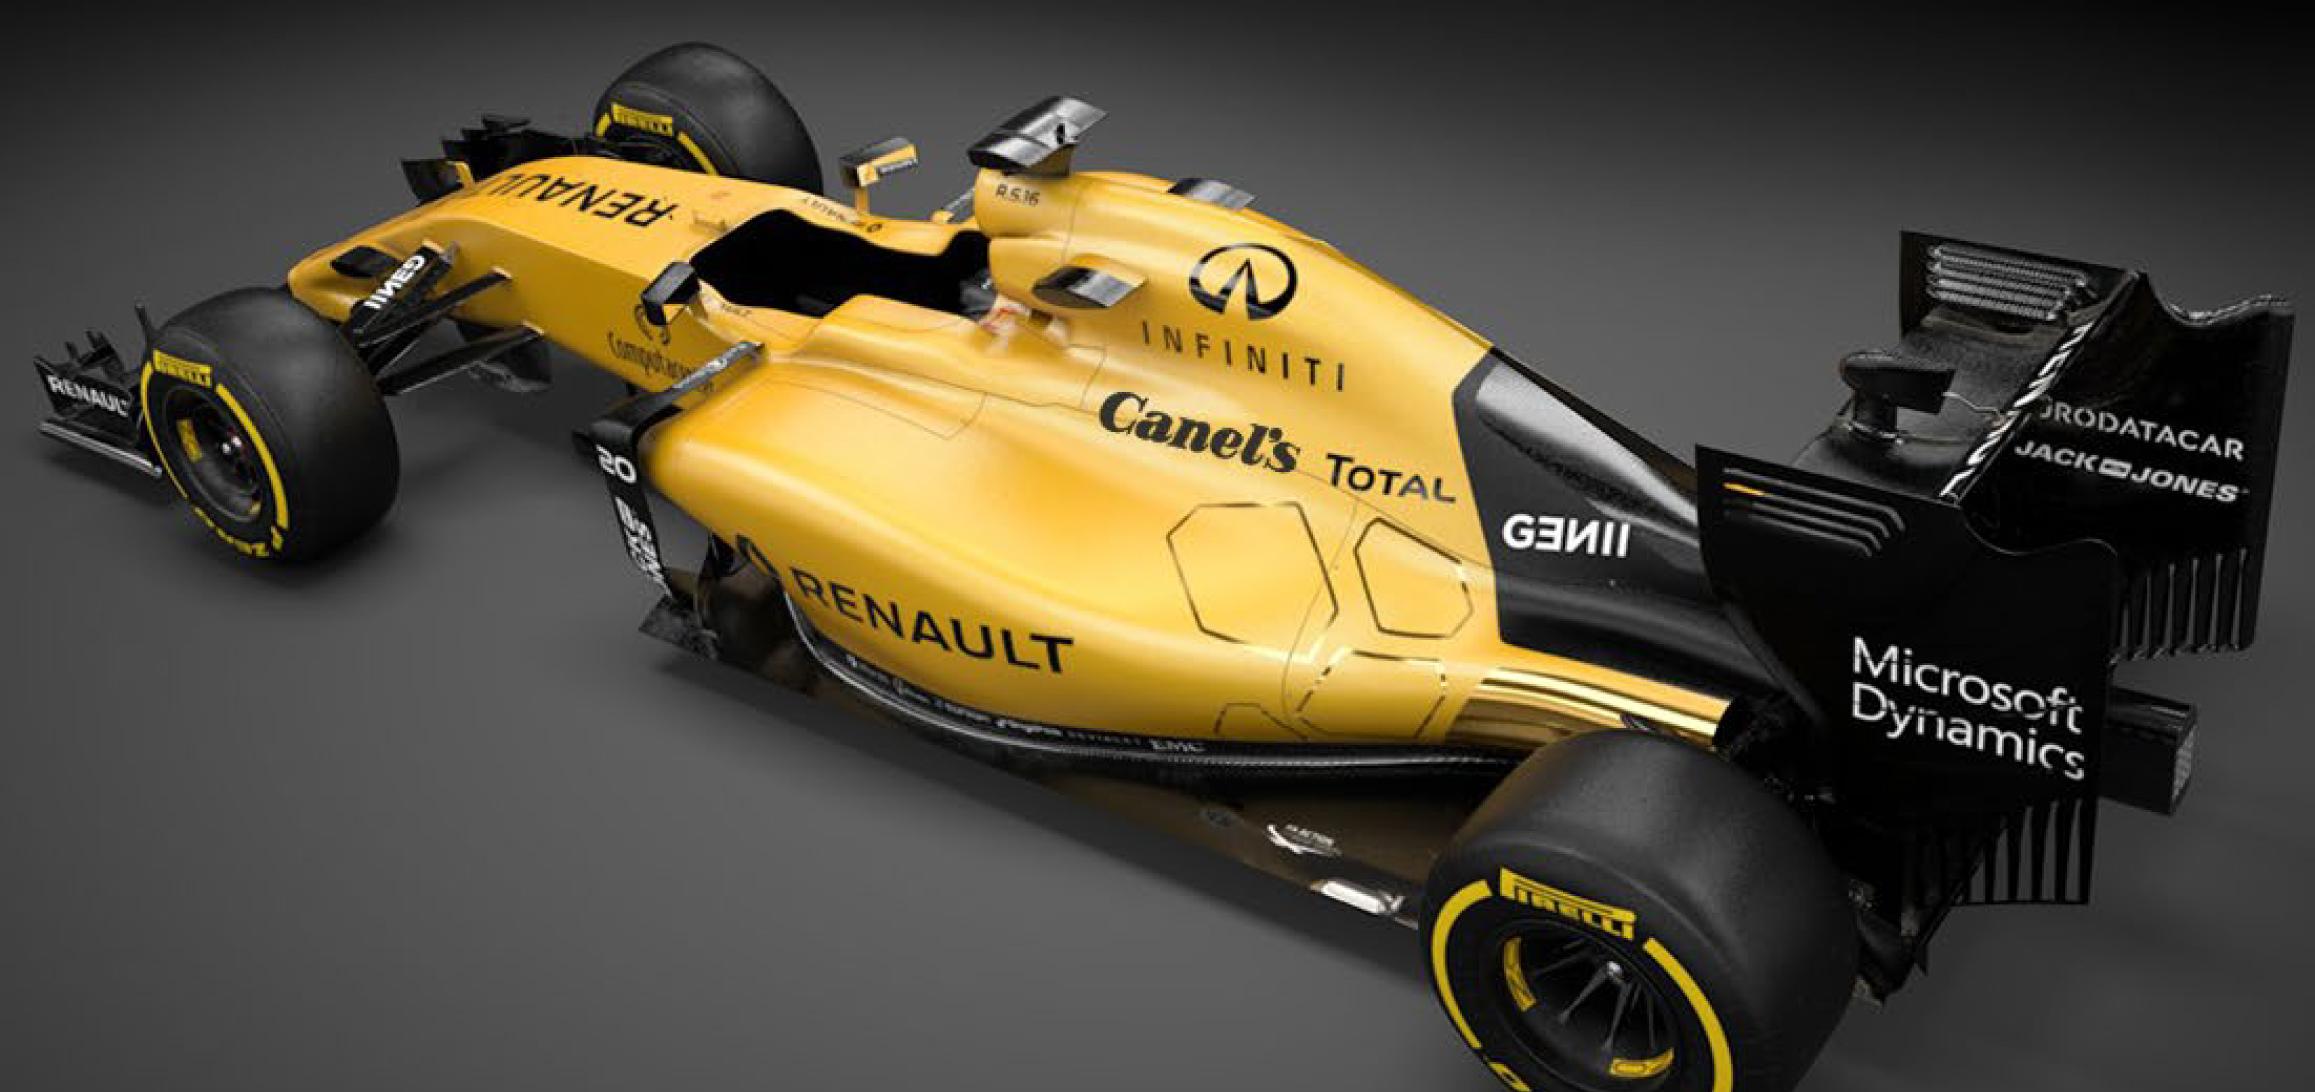 Renault F1 presenta a Canel´s como su nuevo patrocinador